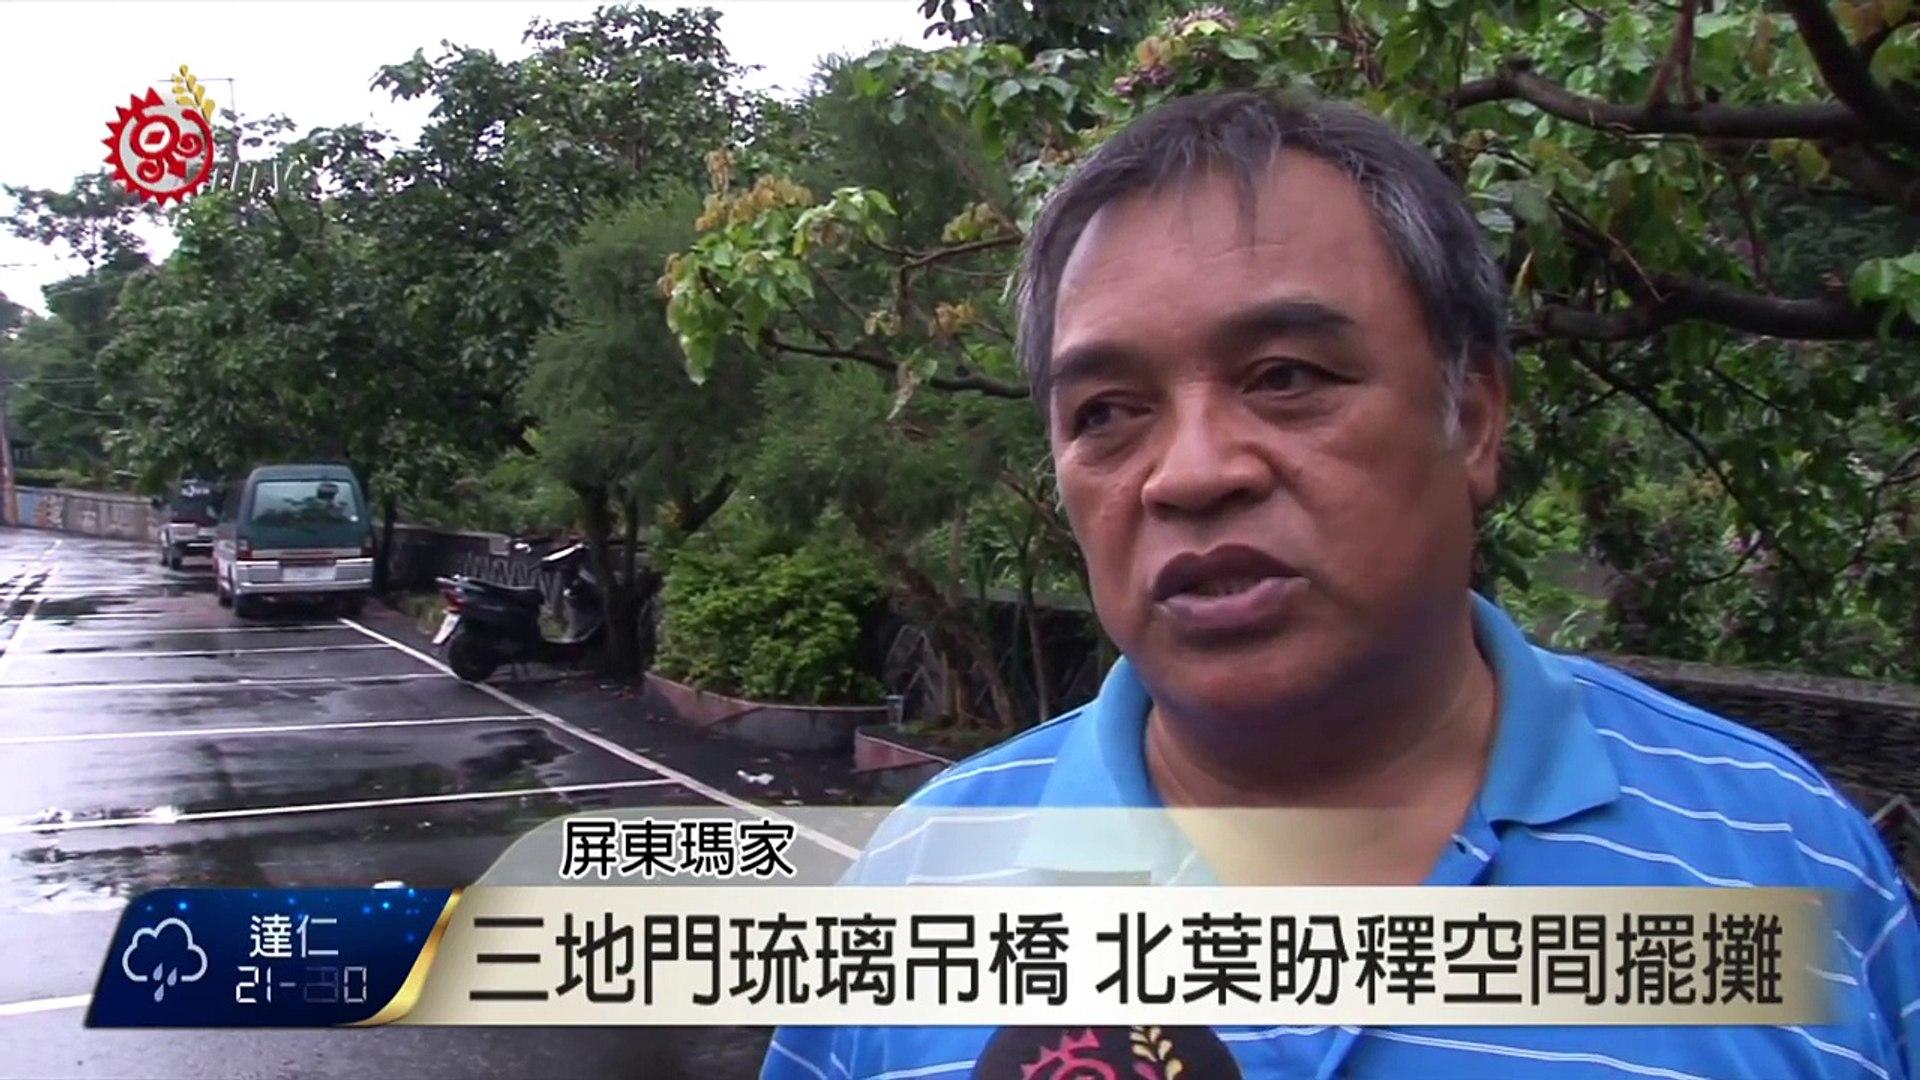 三地門琉璃吊橋周邊 北葉盼開放擺攤 2015-09-10 TITV 原視新聞